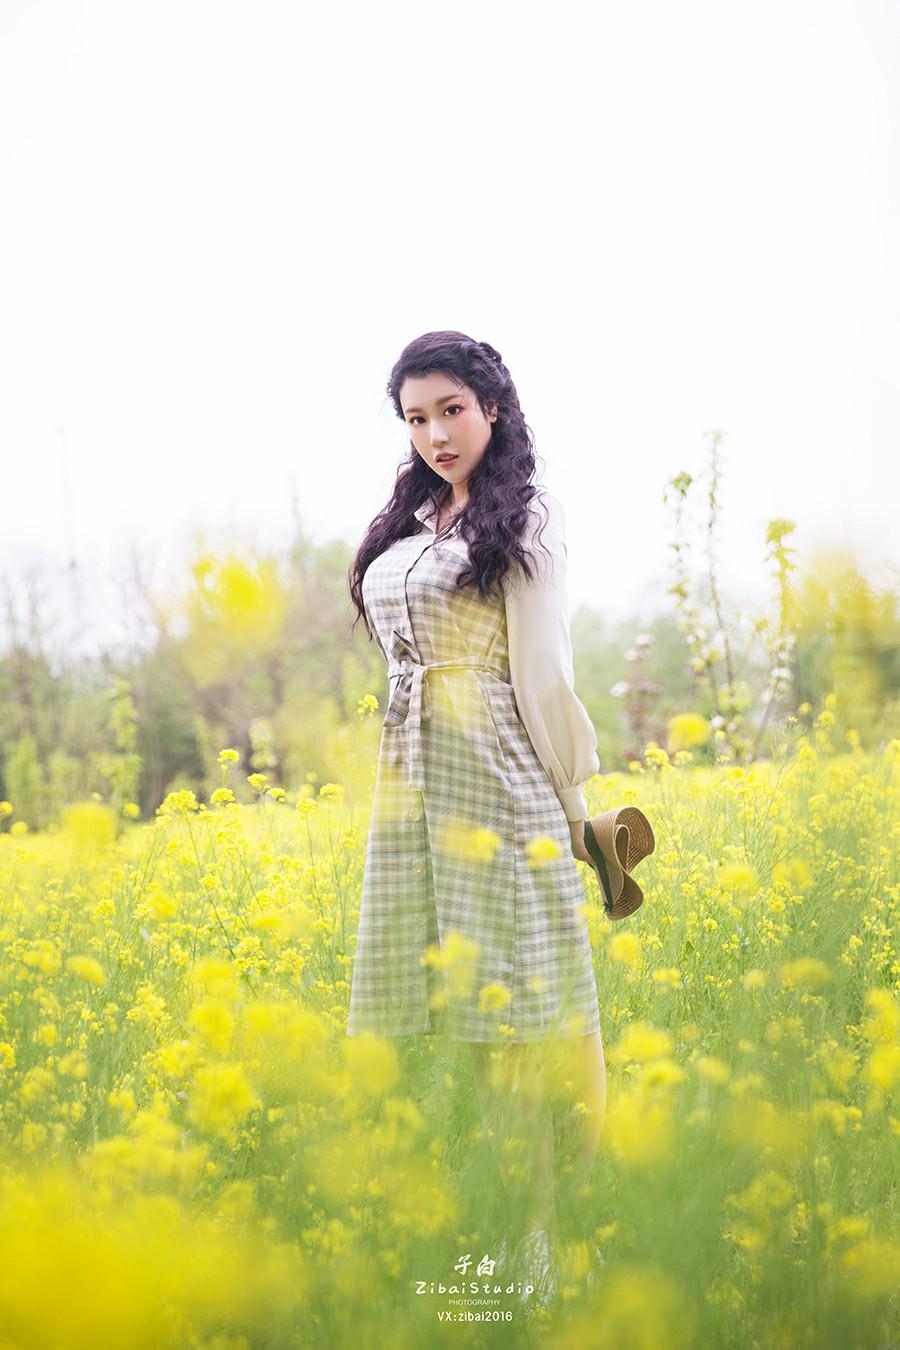 [TouTiao头条女神]2020.04.20 钟晴 油菜花的晴天[9P] 头条女神 第3张